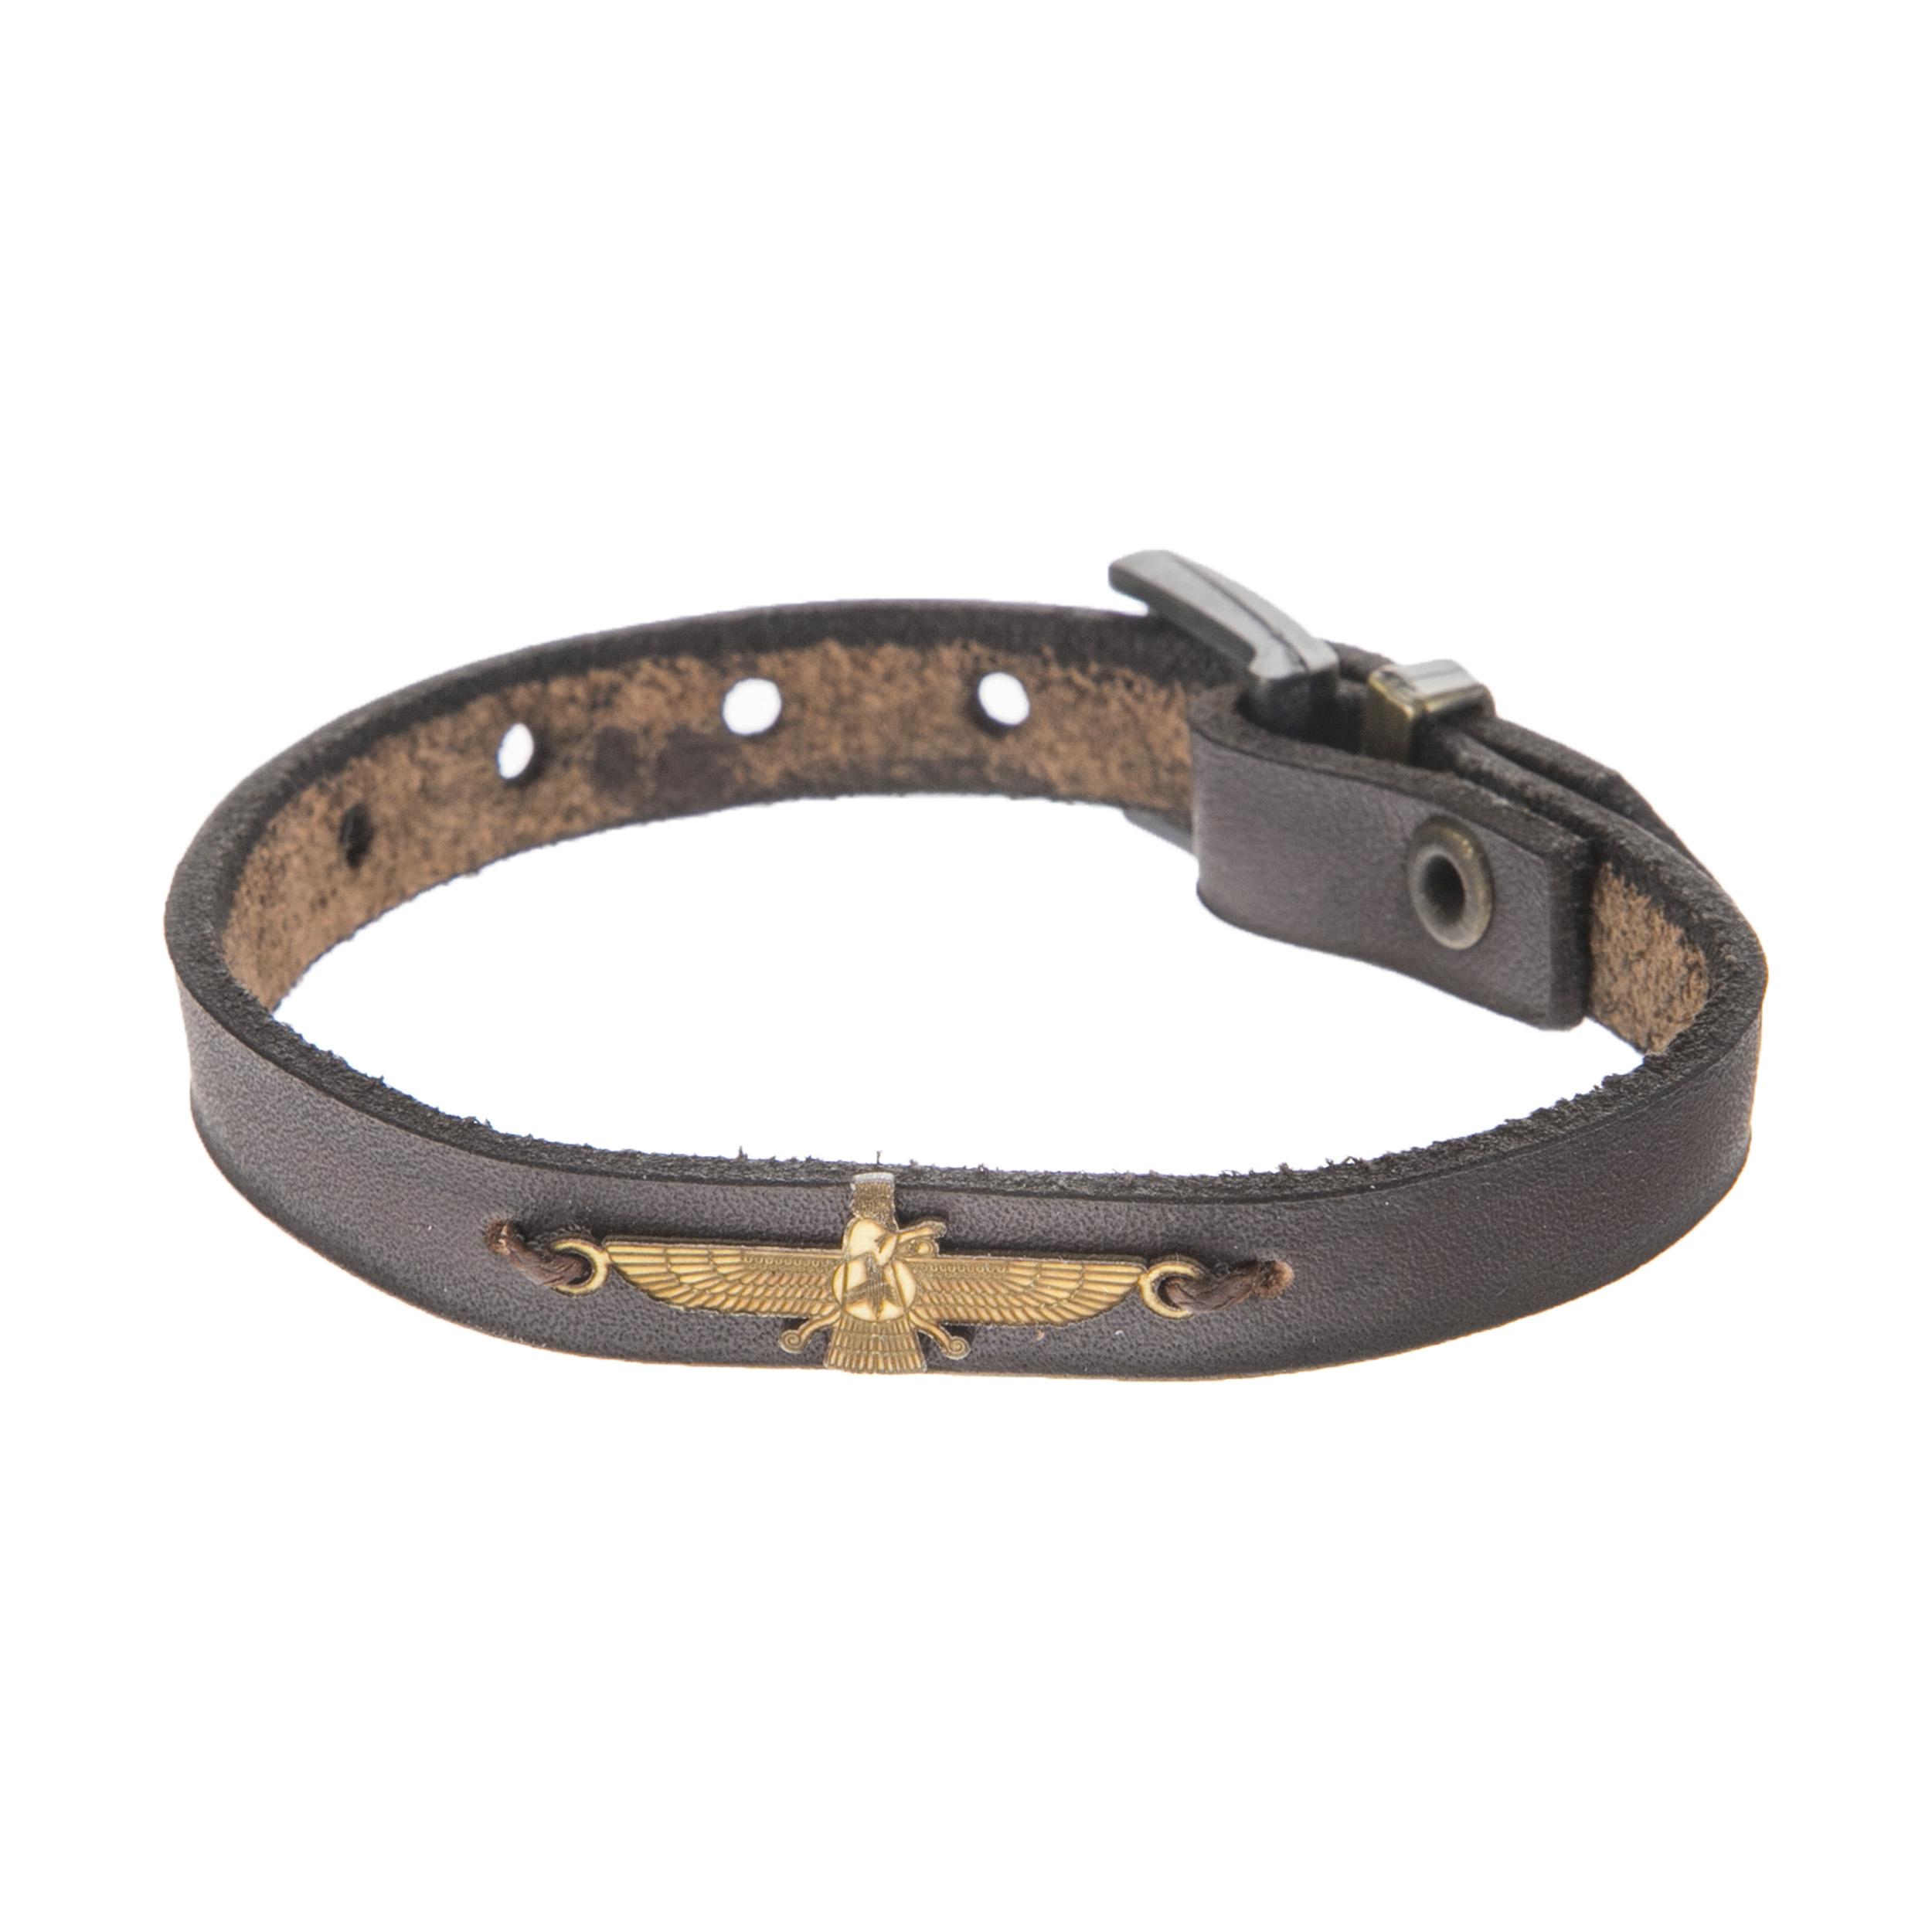 دستبند چرمی میو مدل BM62 -  - 2